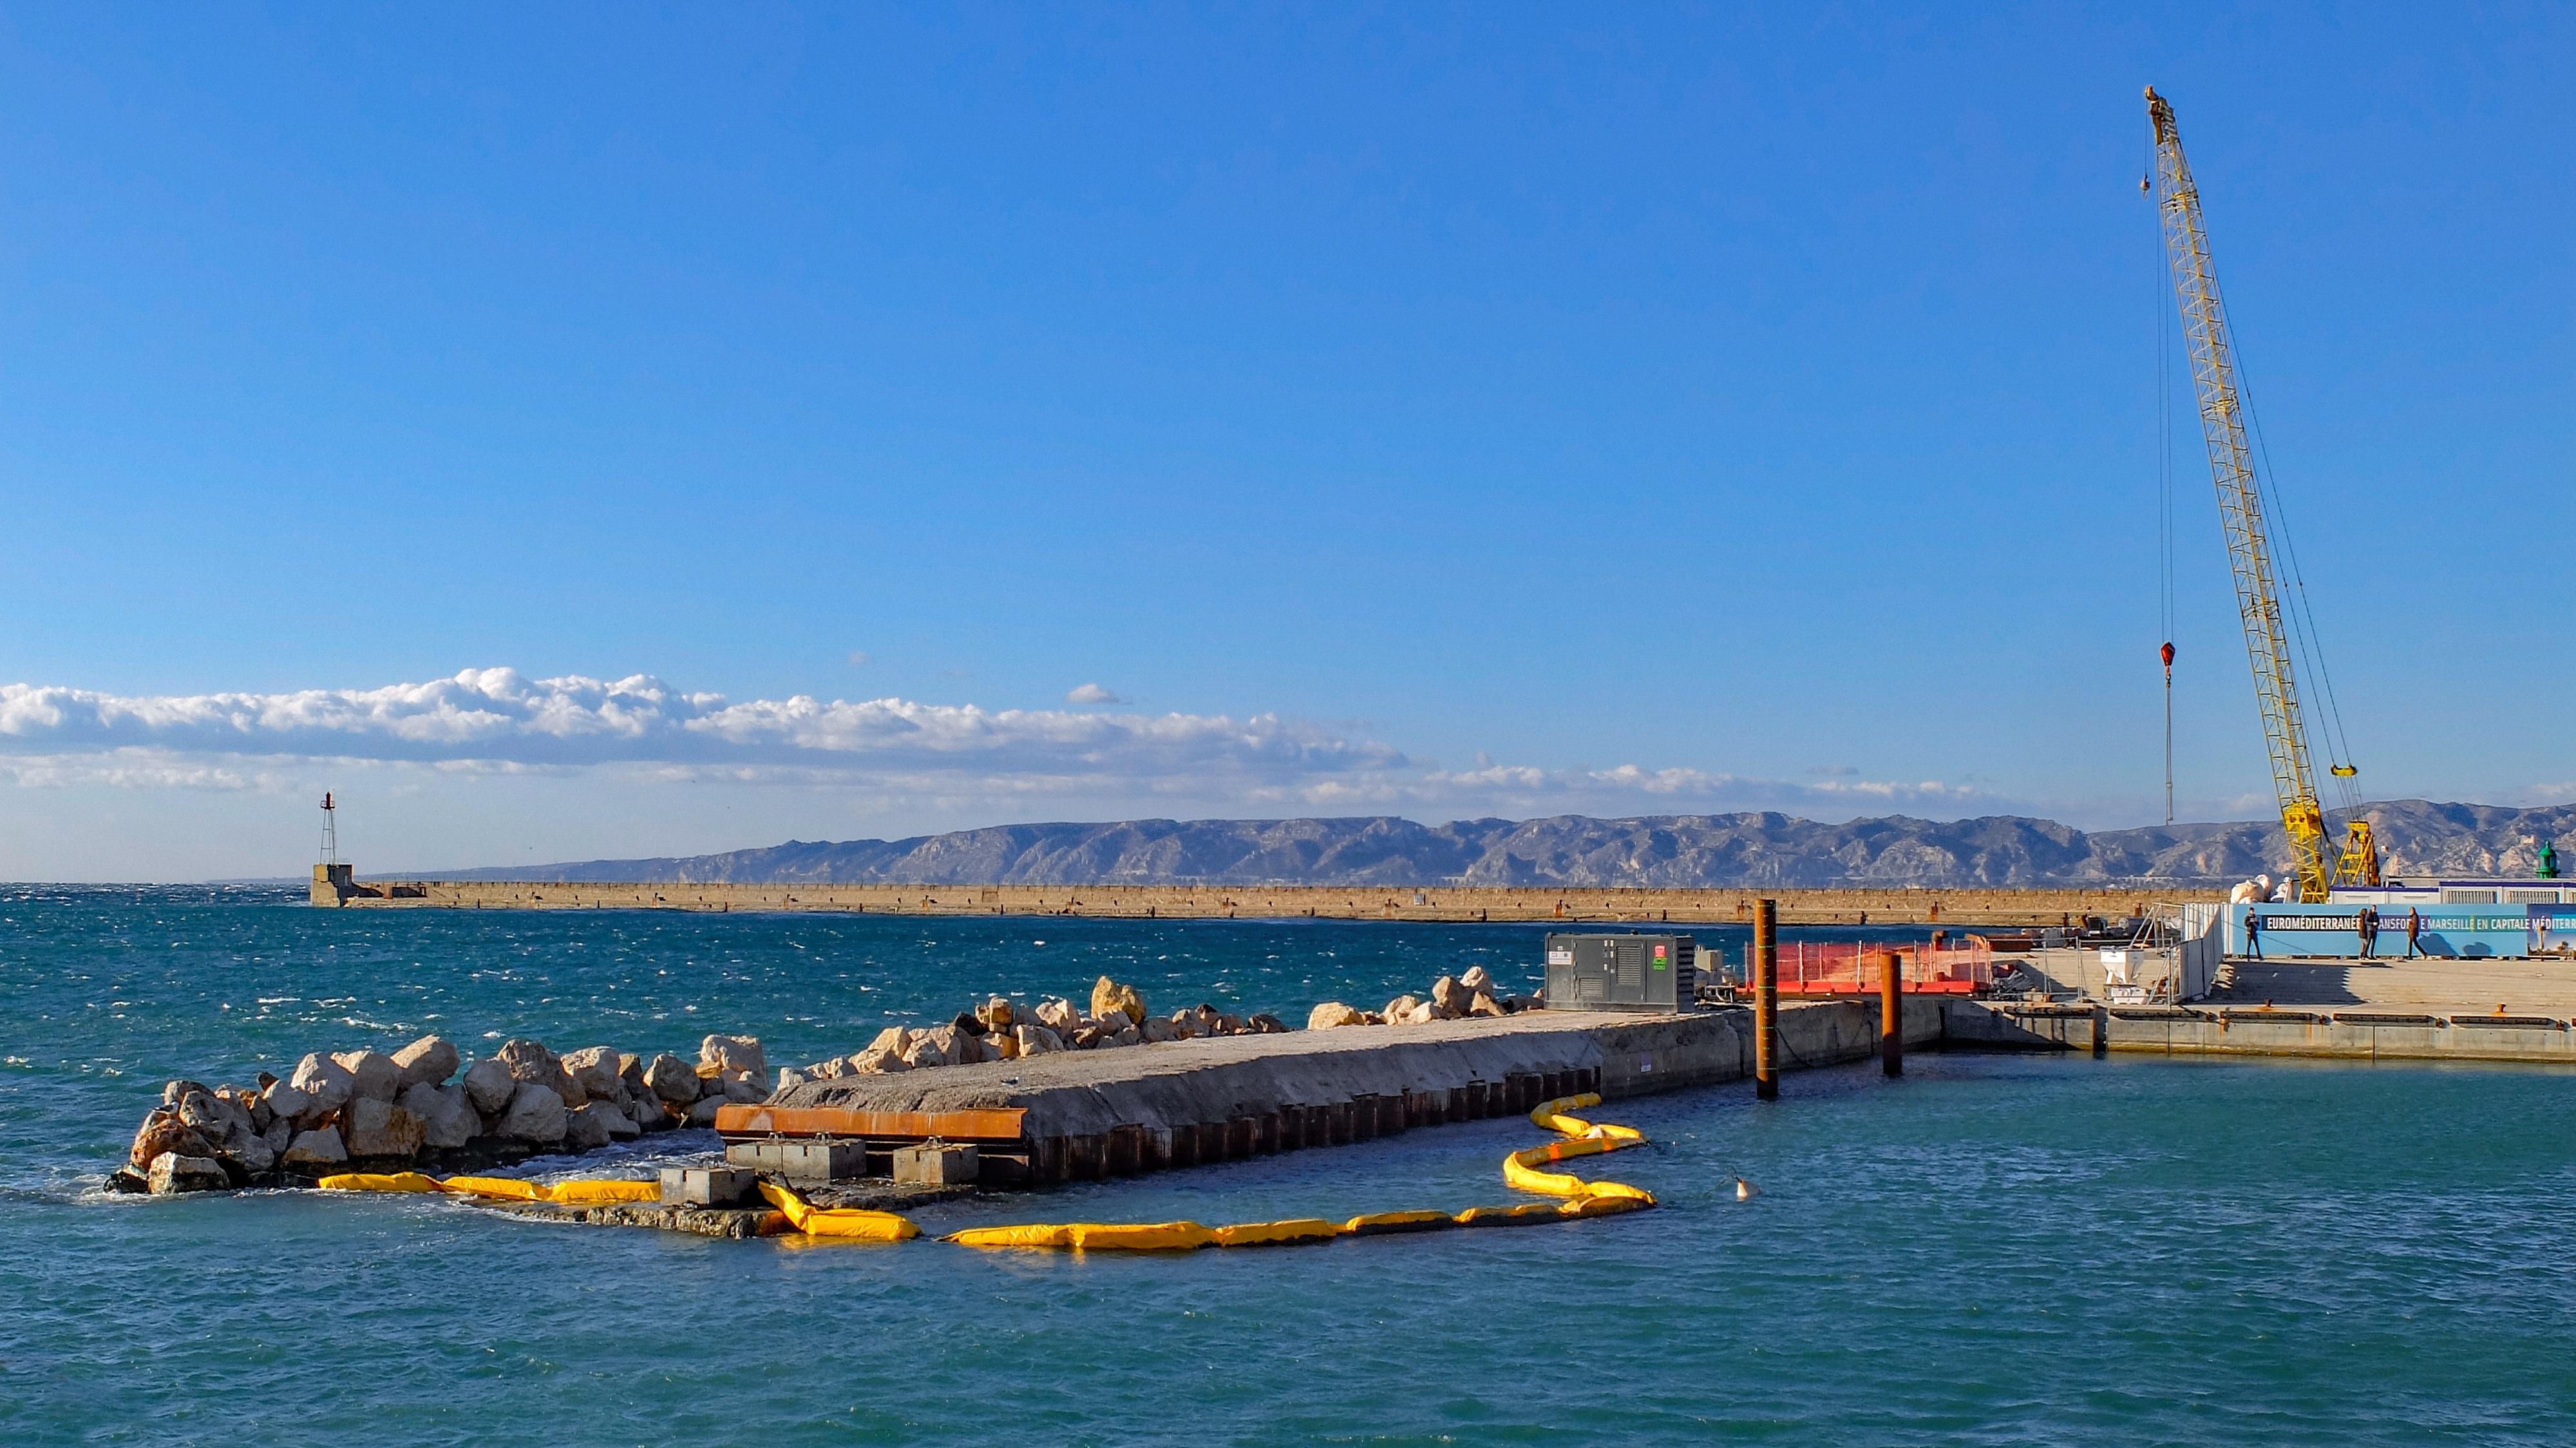 free images coast ocean dock sky boat ship france. Black Bedroom Furniture Sets. Home Design Ideas